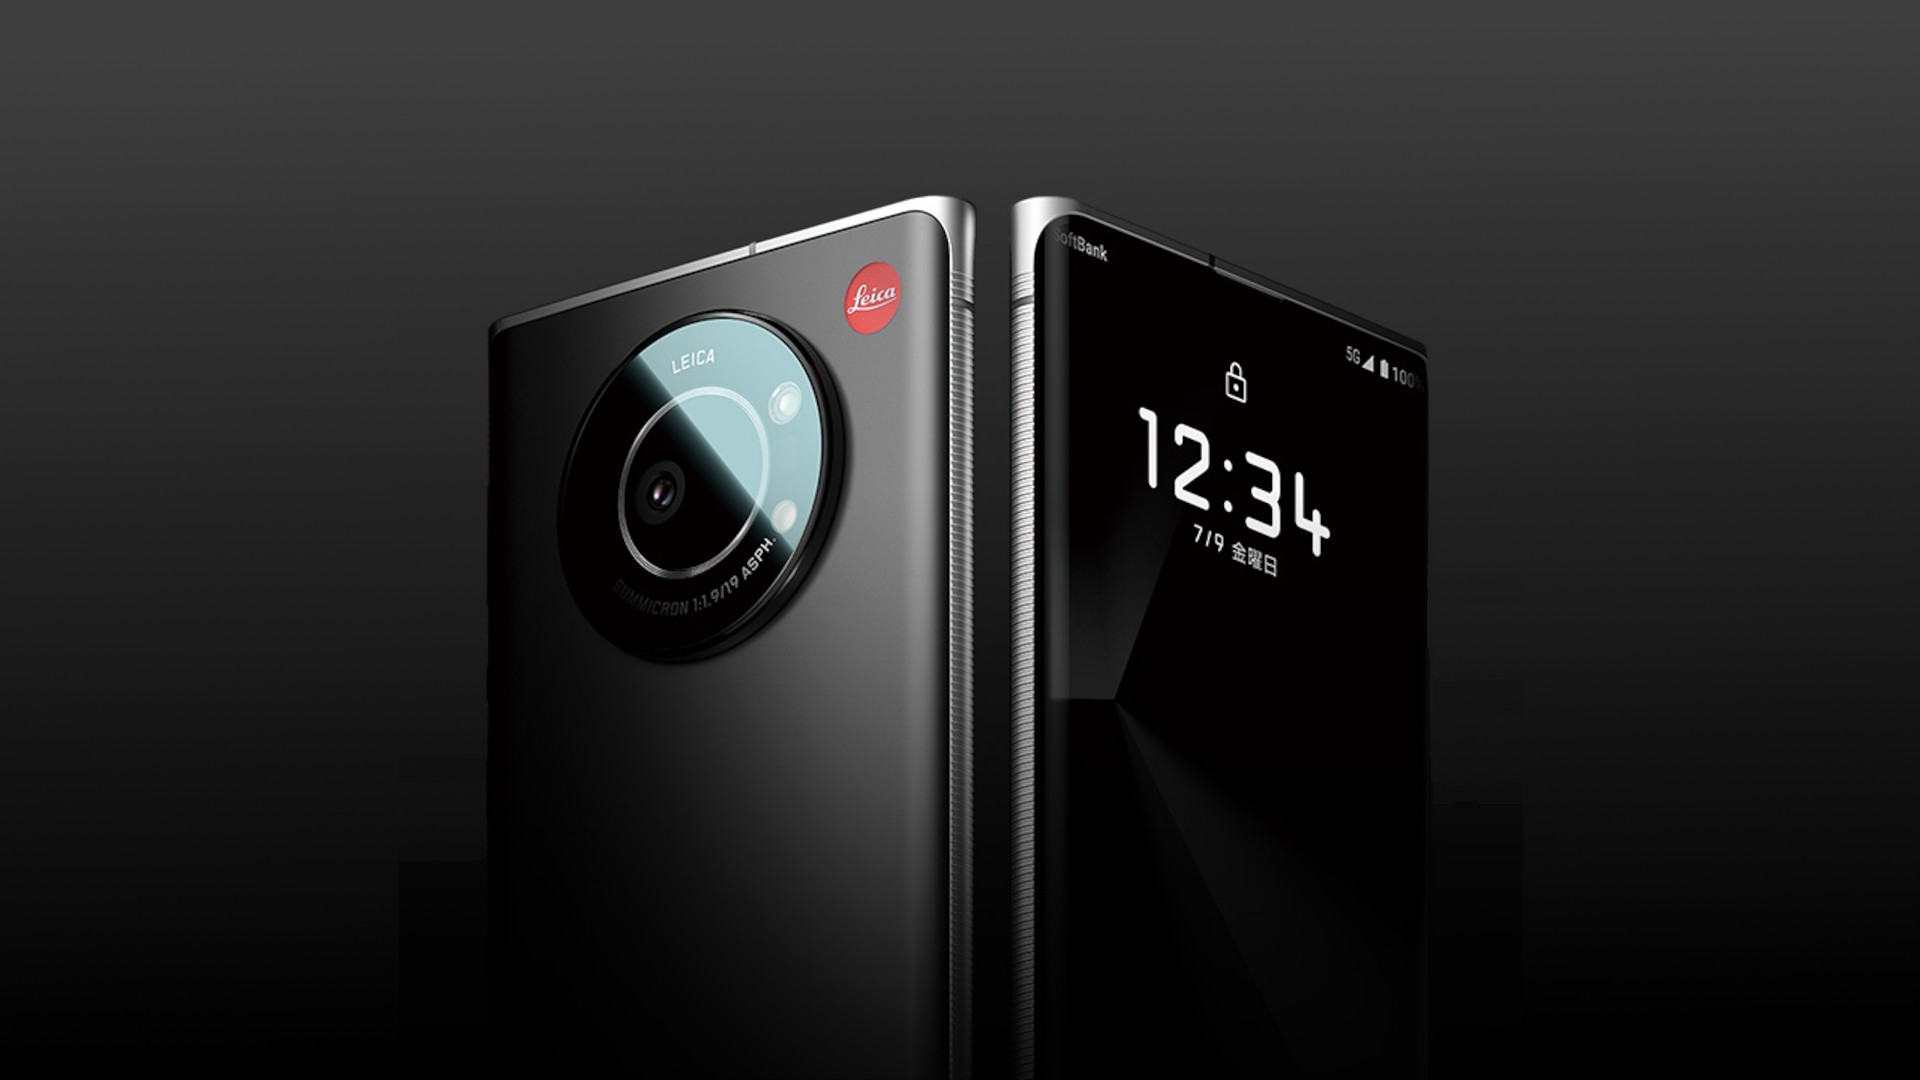 Известный производитель фотоаппаратов Leica показал первый свой смартфон. Характеристики Leitz Phone 1